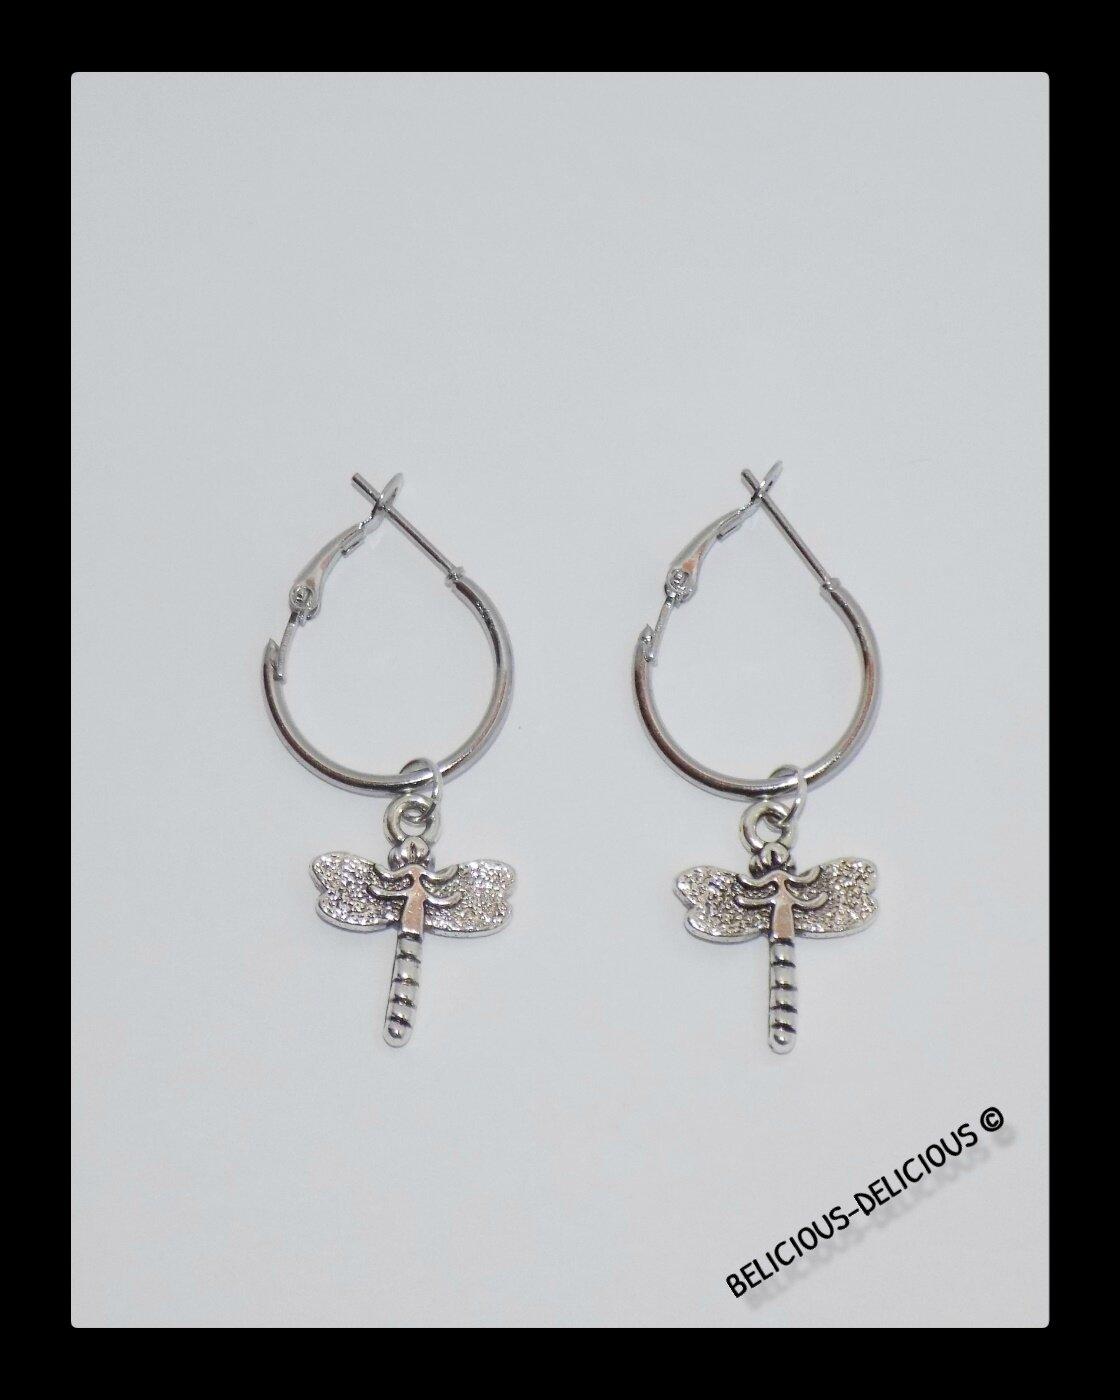 Original Boucles d'oreilles creole pour homme !! DRAGONFLY !! en metal argente T .3.5 cm x 2cm